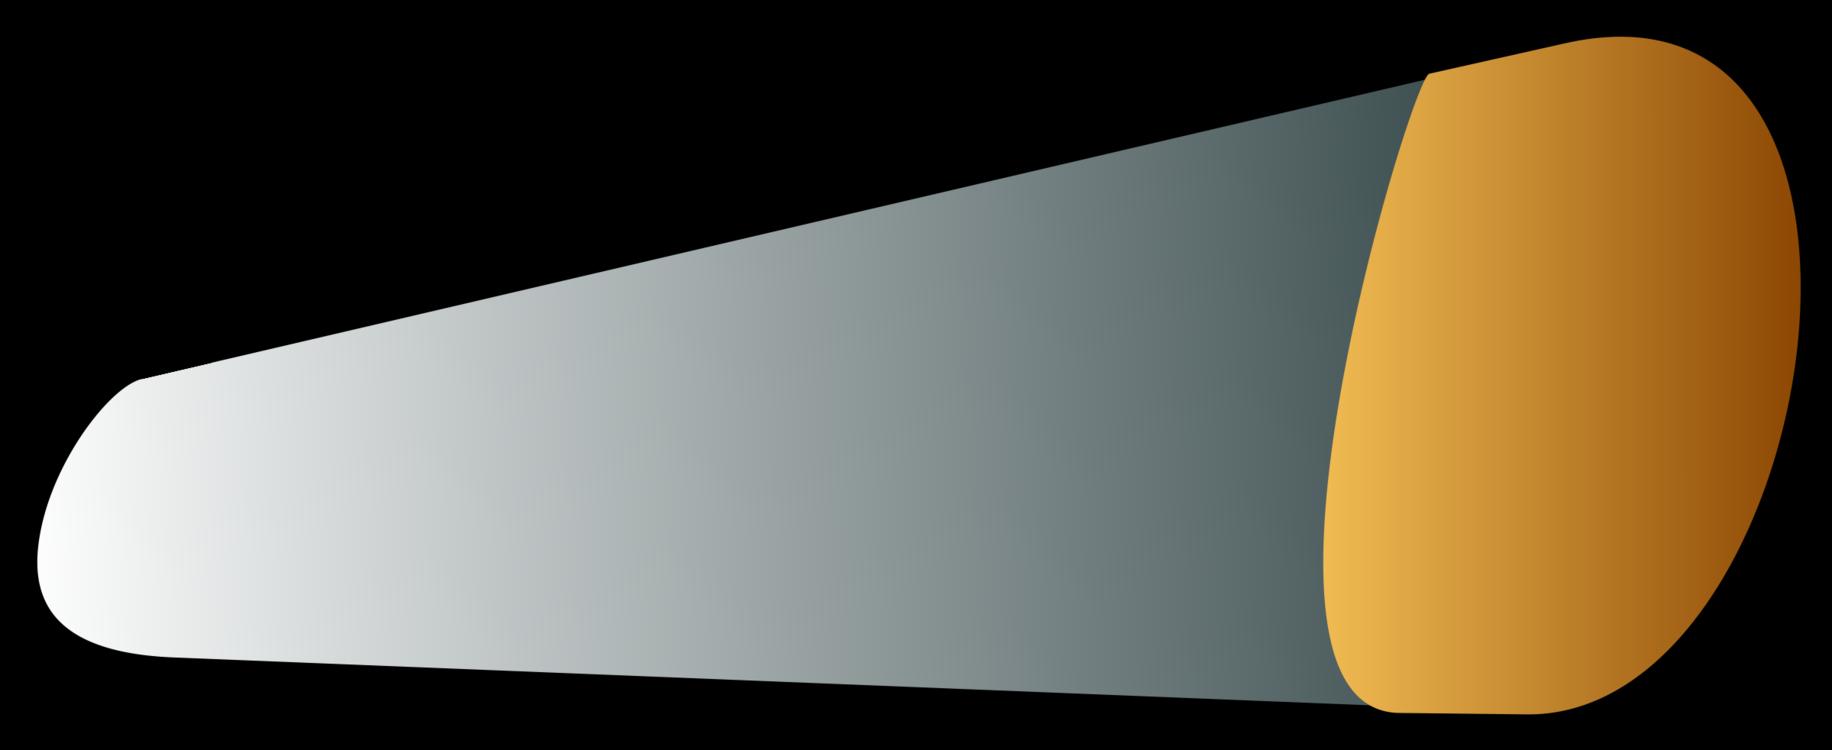 Angle,Display Device,Eyewear